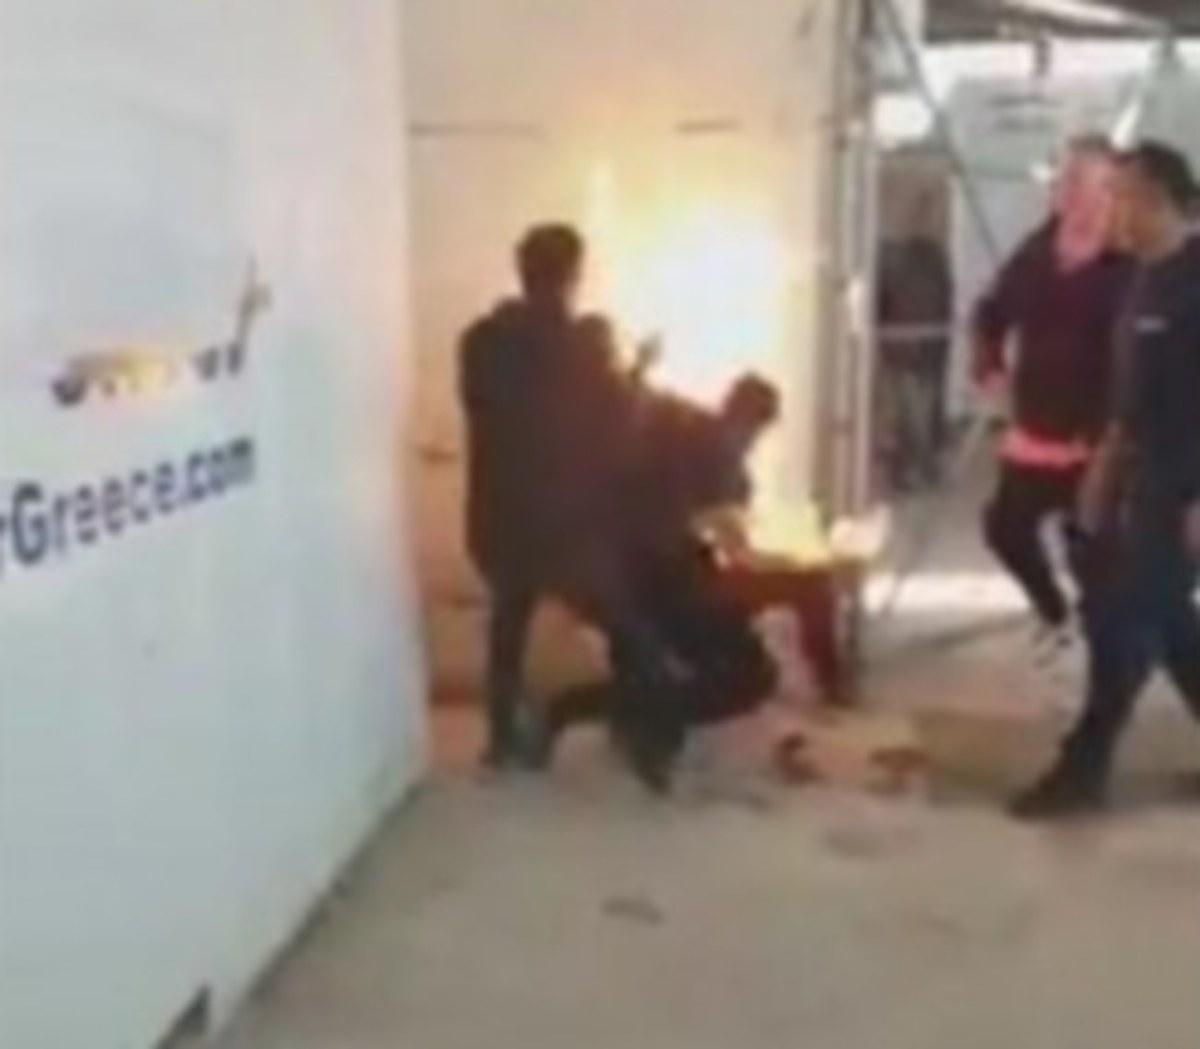 Χίος: Χαροπαλεύει ο πρόσφυγας που αυτοπυρπολήθηκε – Σε νοσοκομείο και ο τραυματισμένος αστυνομικός!